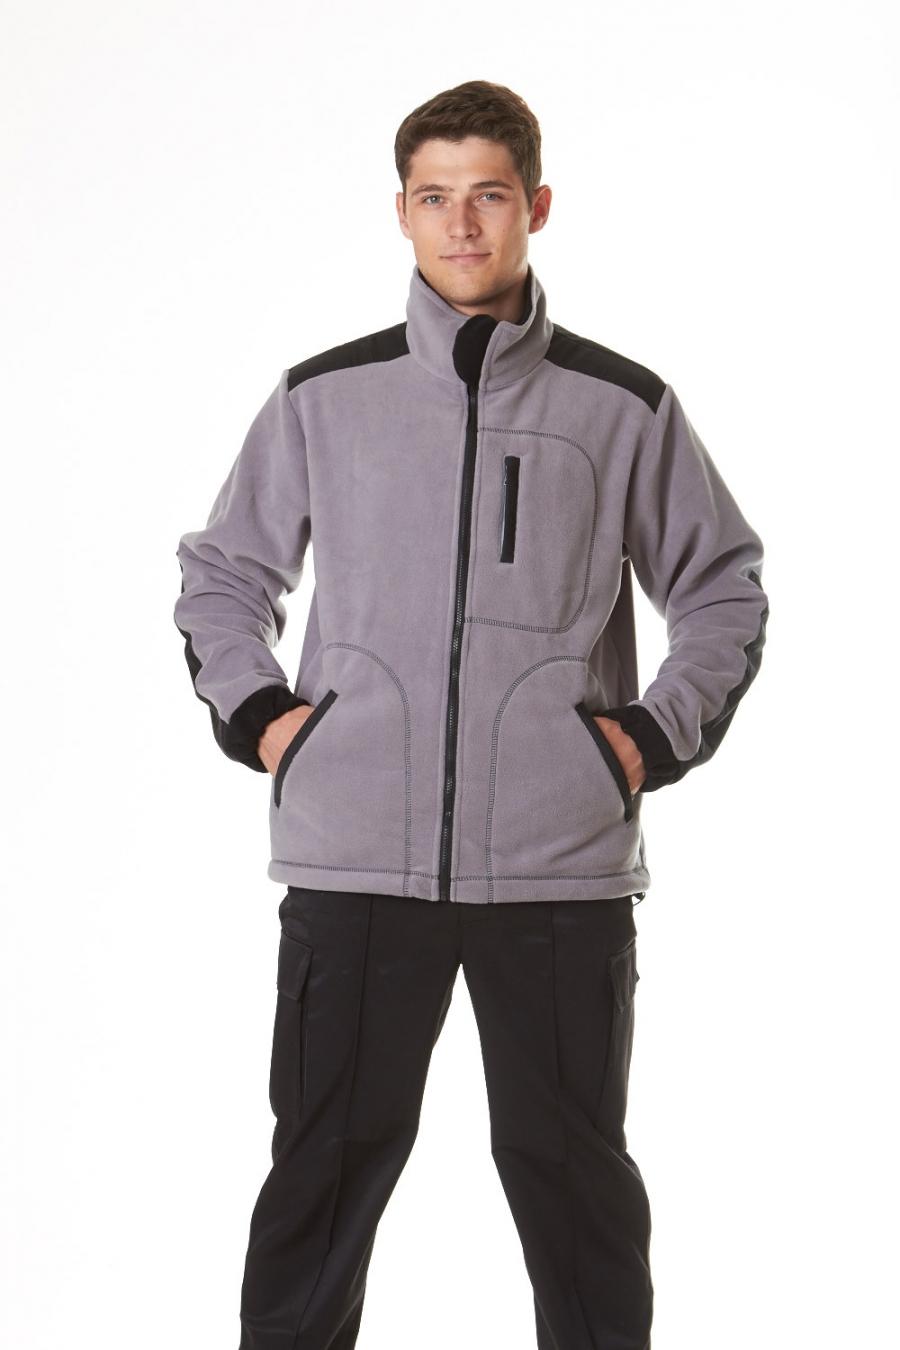 Куртка мужская для охоты и рыбалки ФлисоваяОдежда для охоты и рыбалки<br><br><br>Размер: 56